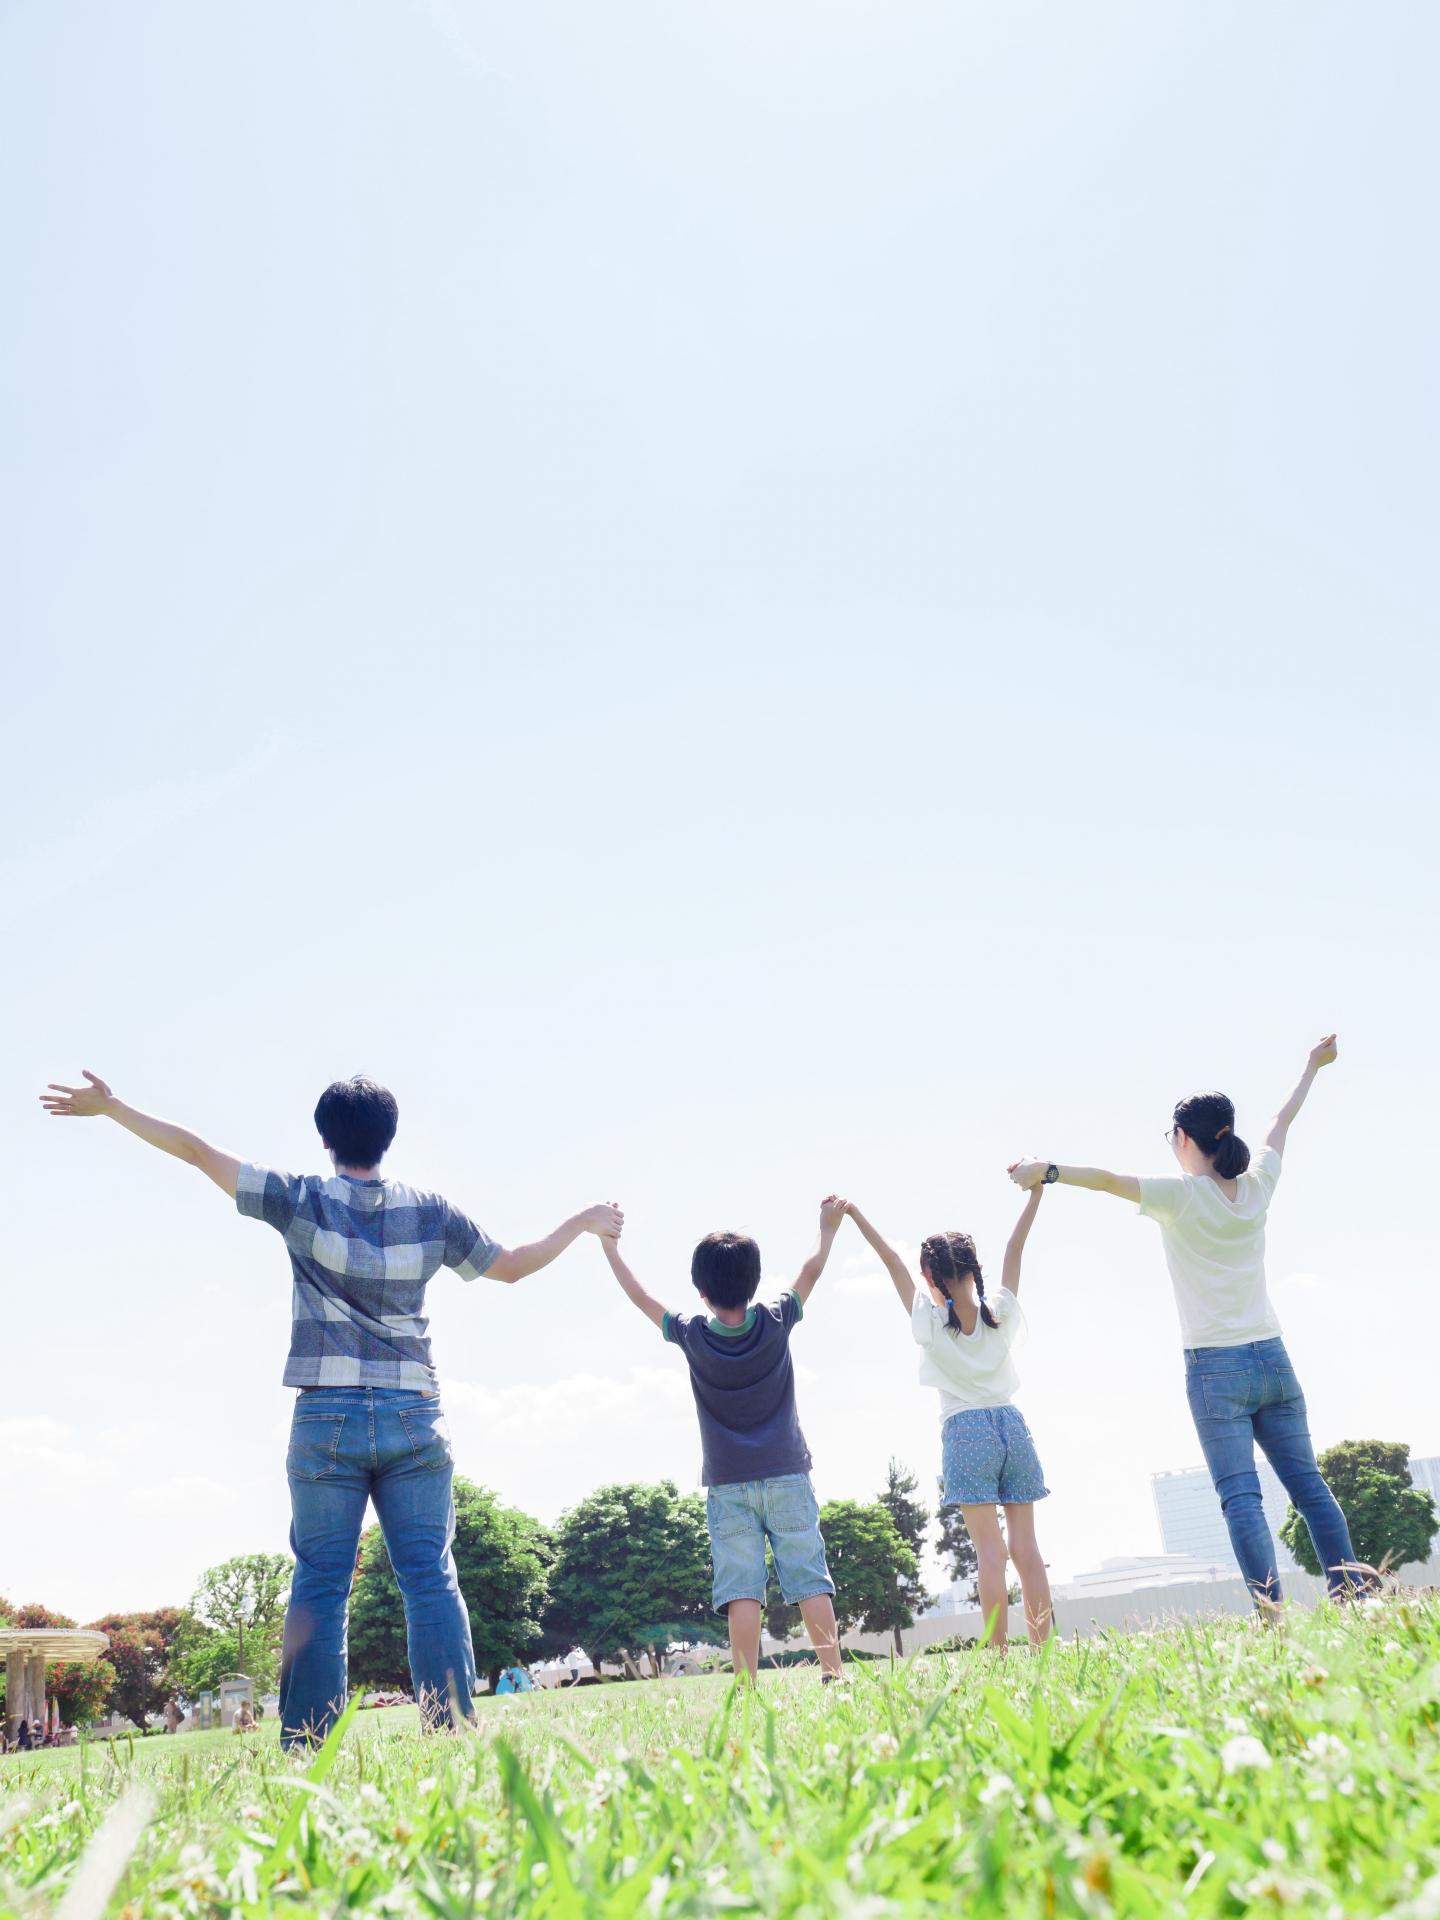 【横須賀・三浦】ソレイユの丘を家族で遊び尽くす!